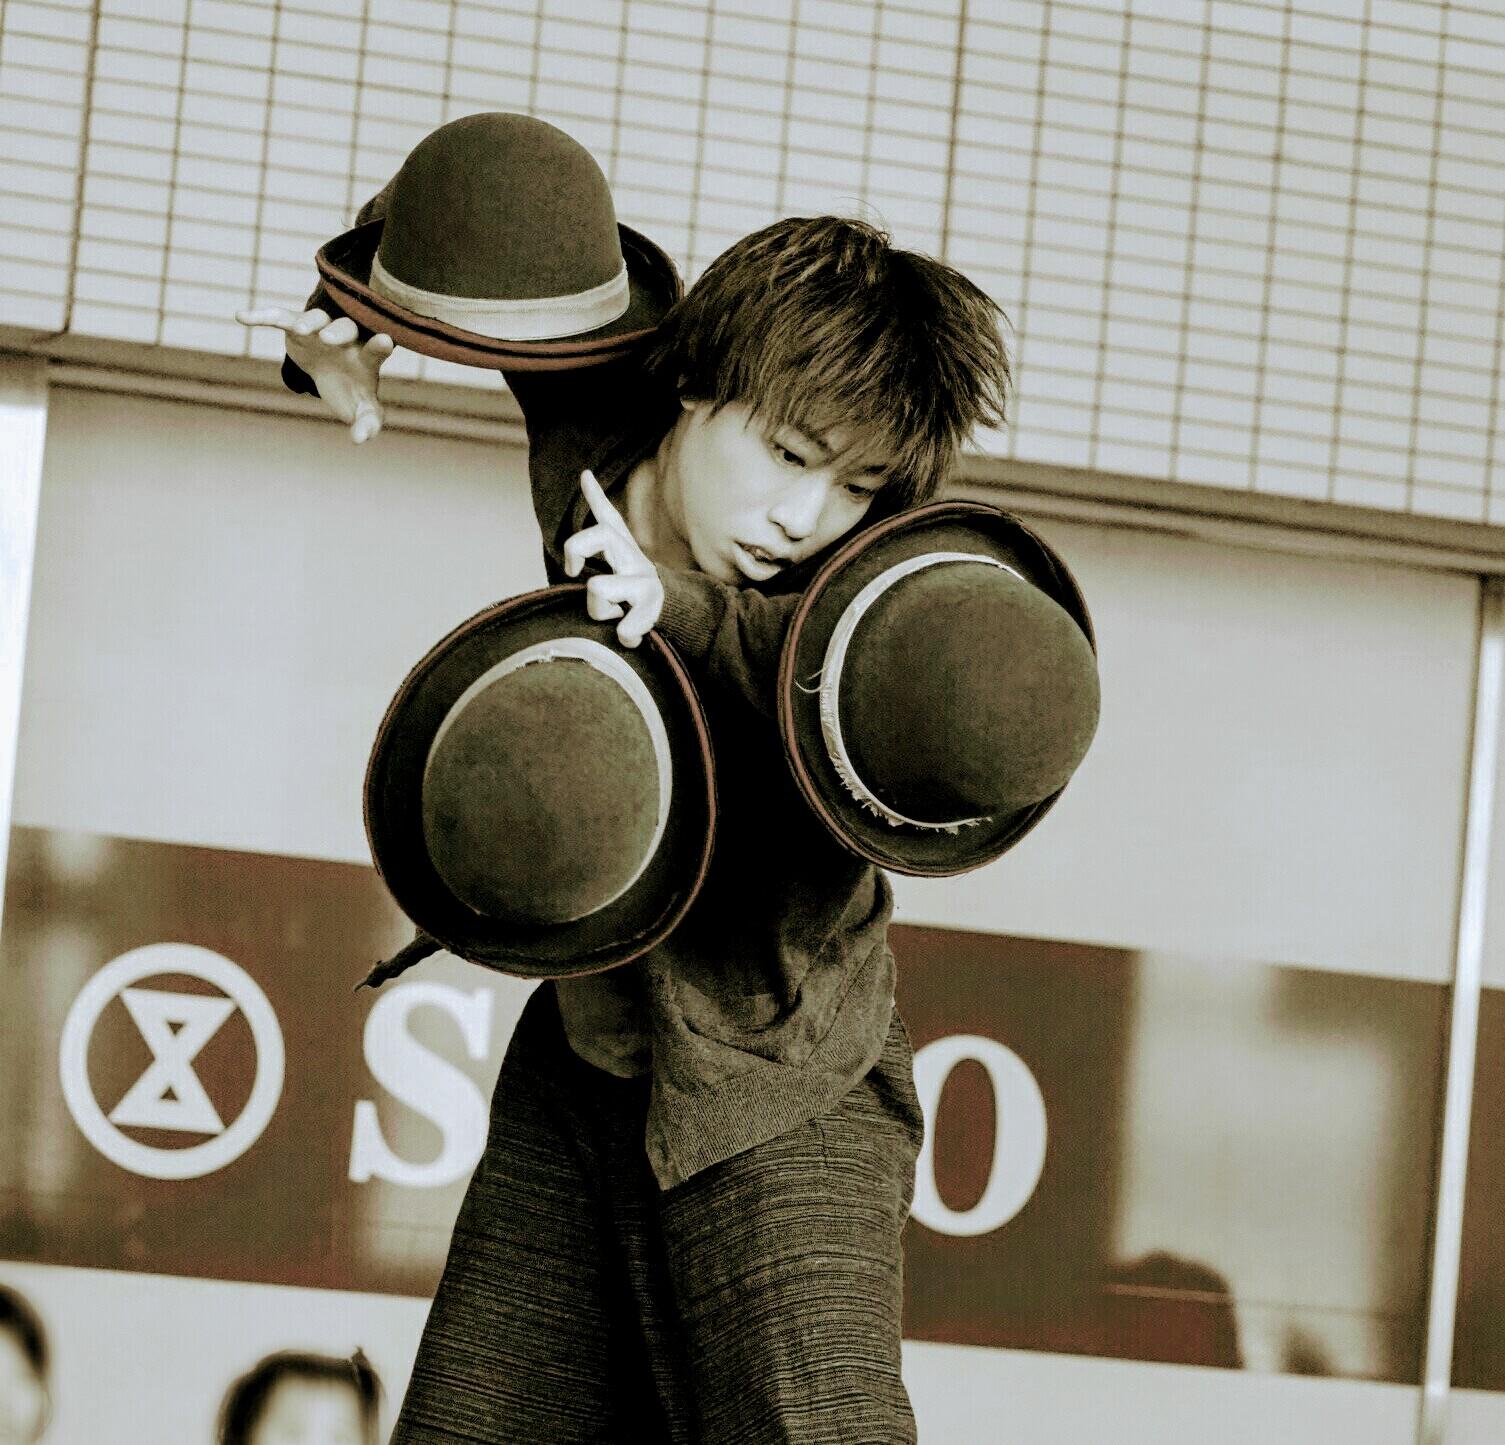 ハットジャグリング ~Hat Juggling~